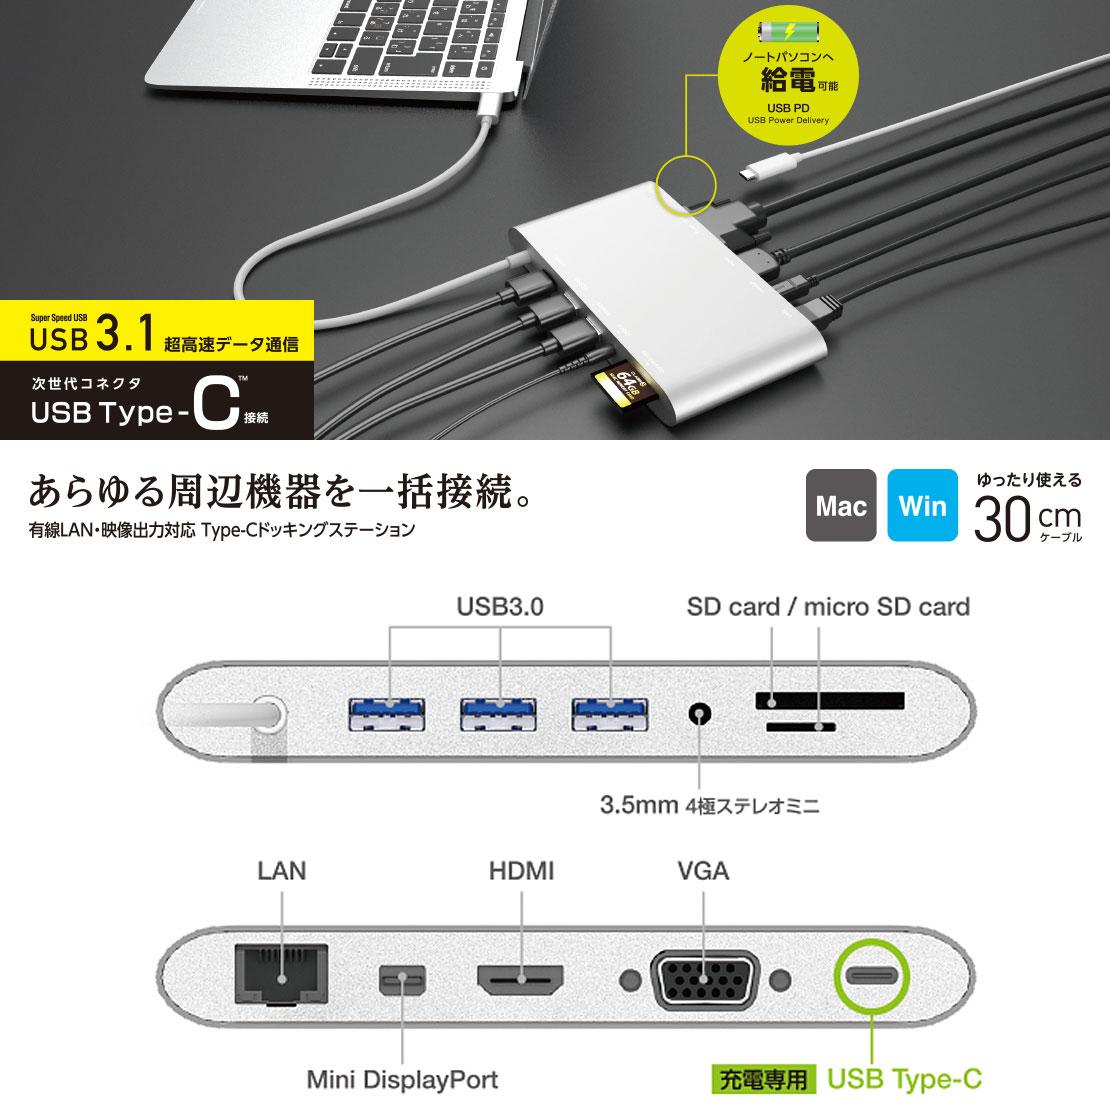 【新品】ELECOM USB Type-C接続ドッキングステーション(PD対応) [DST-C08SV] (USB3.0/ SDカード/ LANポート/ HDMI/ VGAポート/ miniDP)